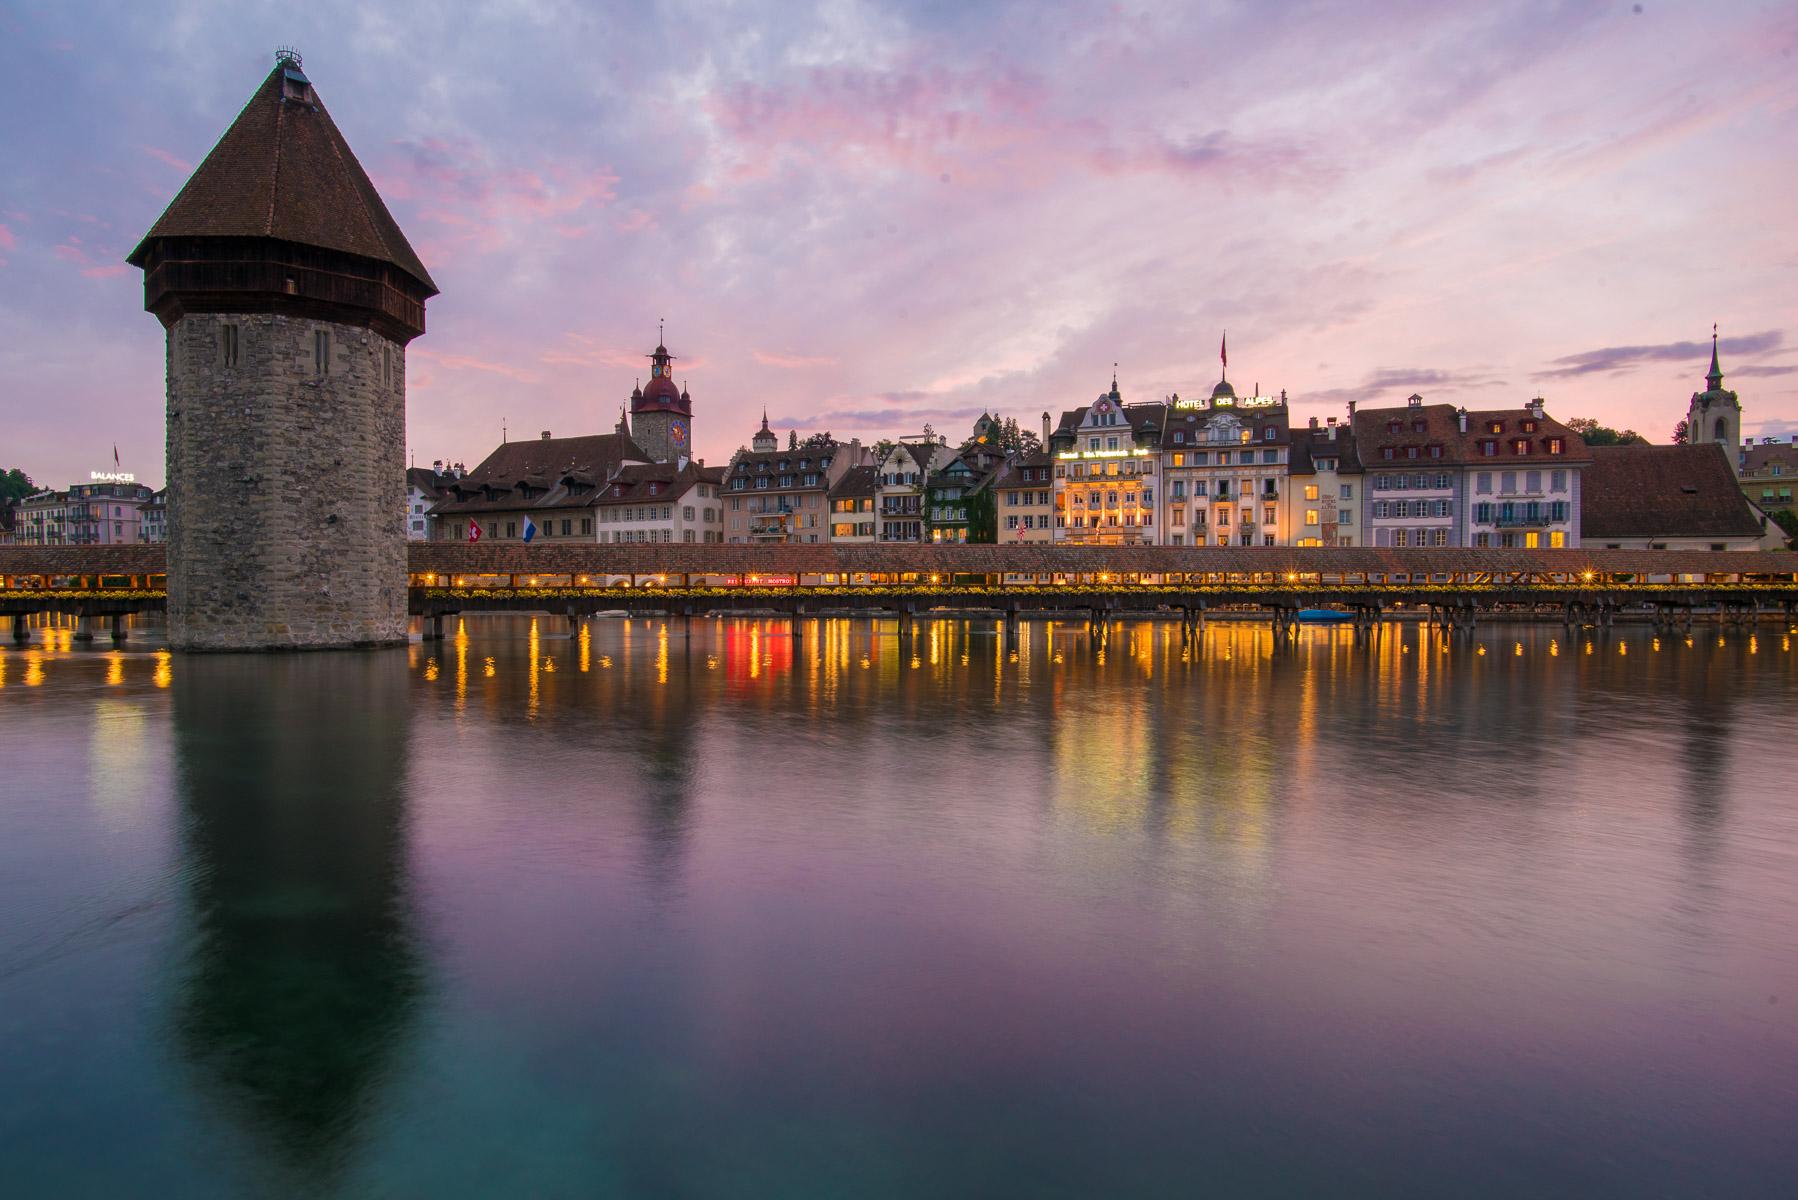 Švýcarský Lucern v noci – aneb jak jsem zmeškal ohnivý západ slunce